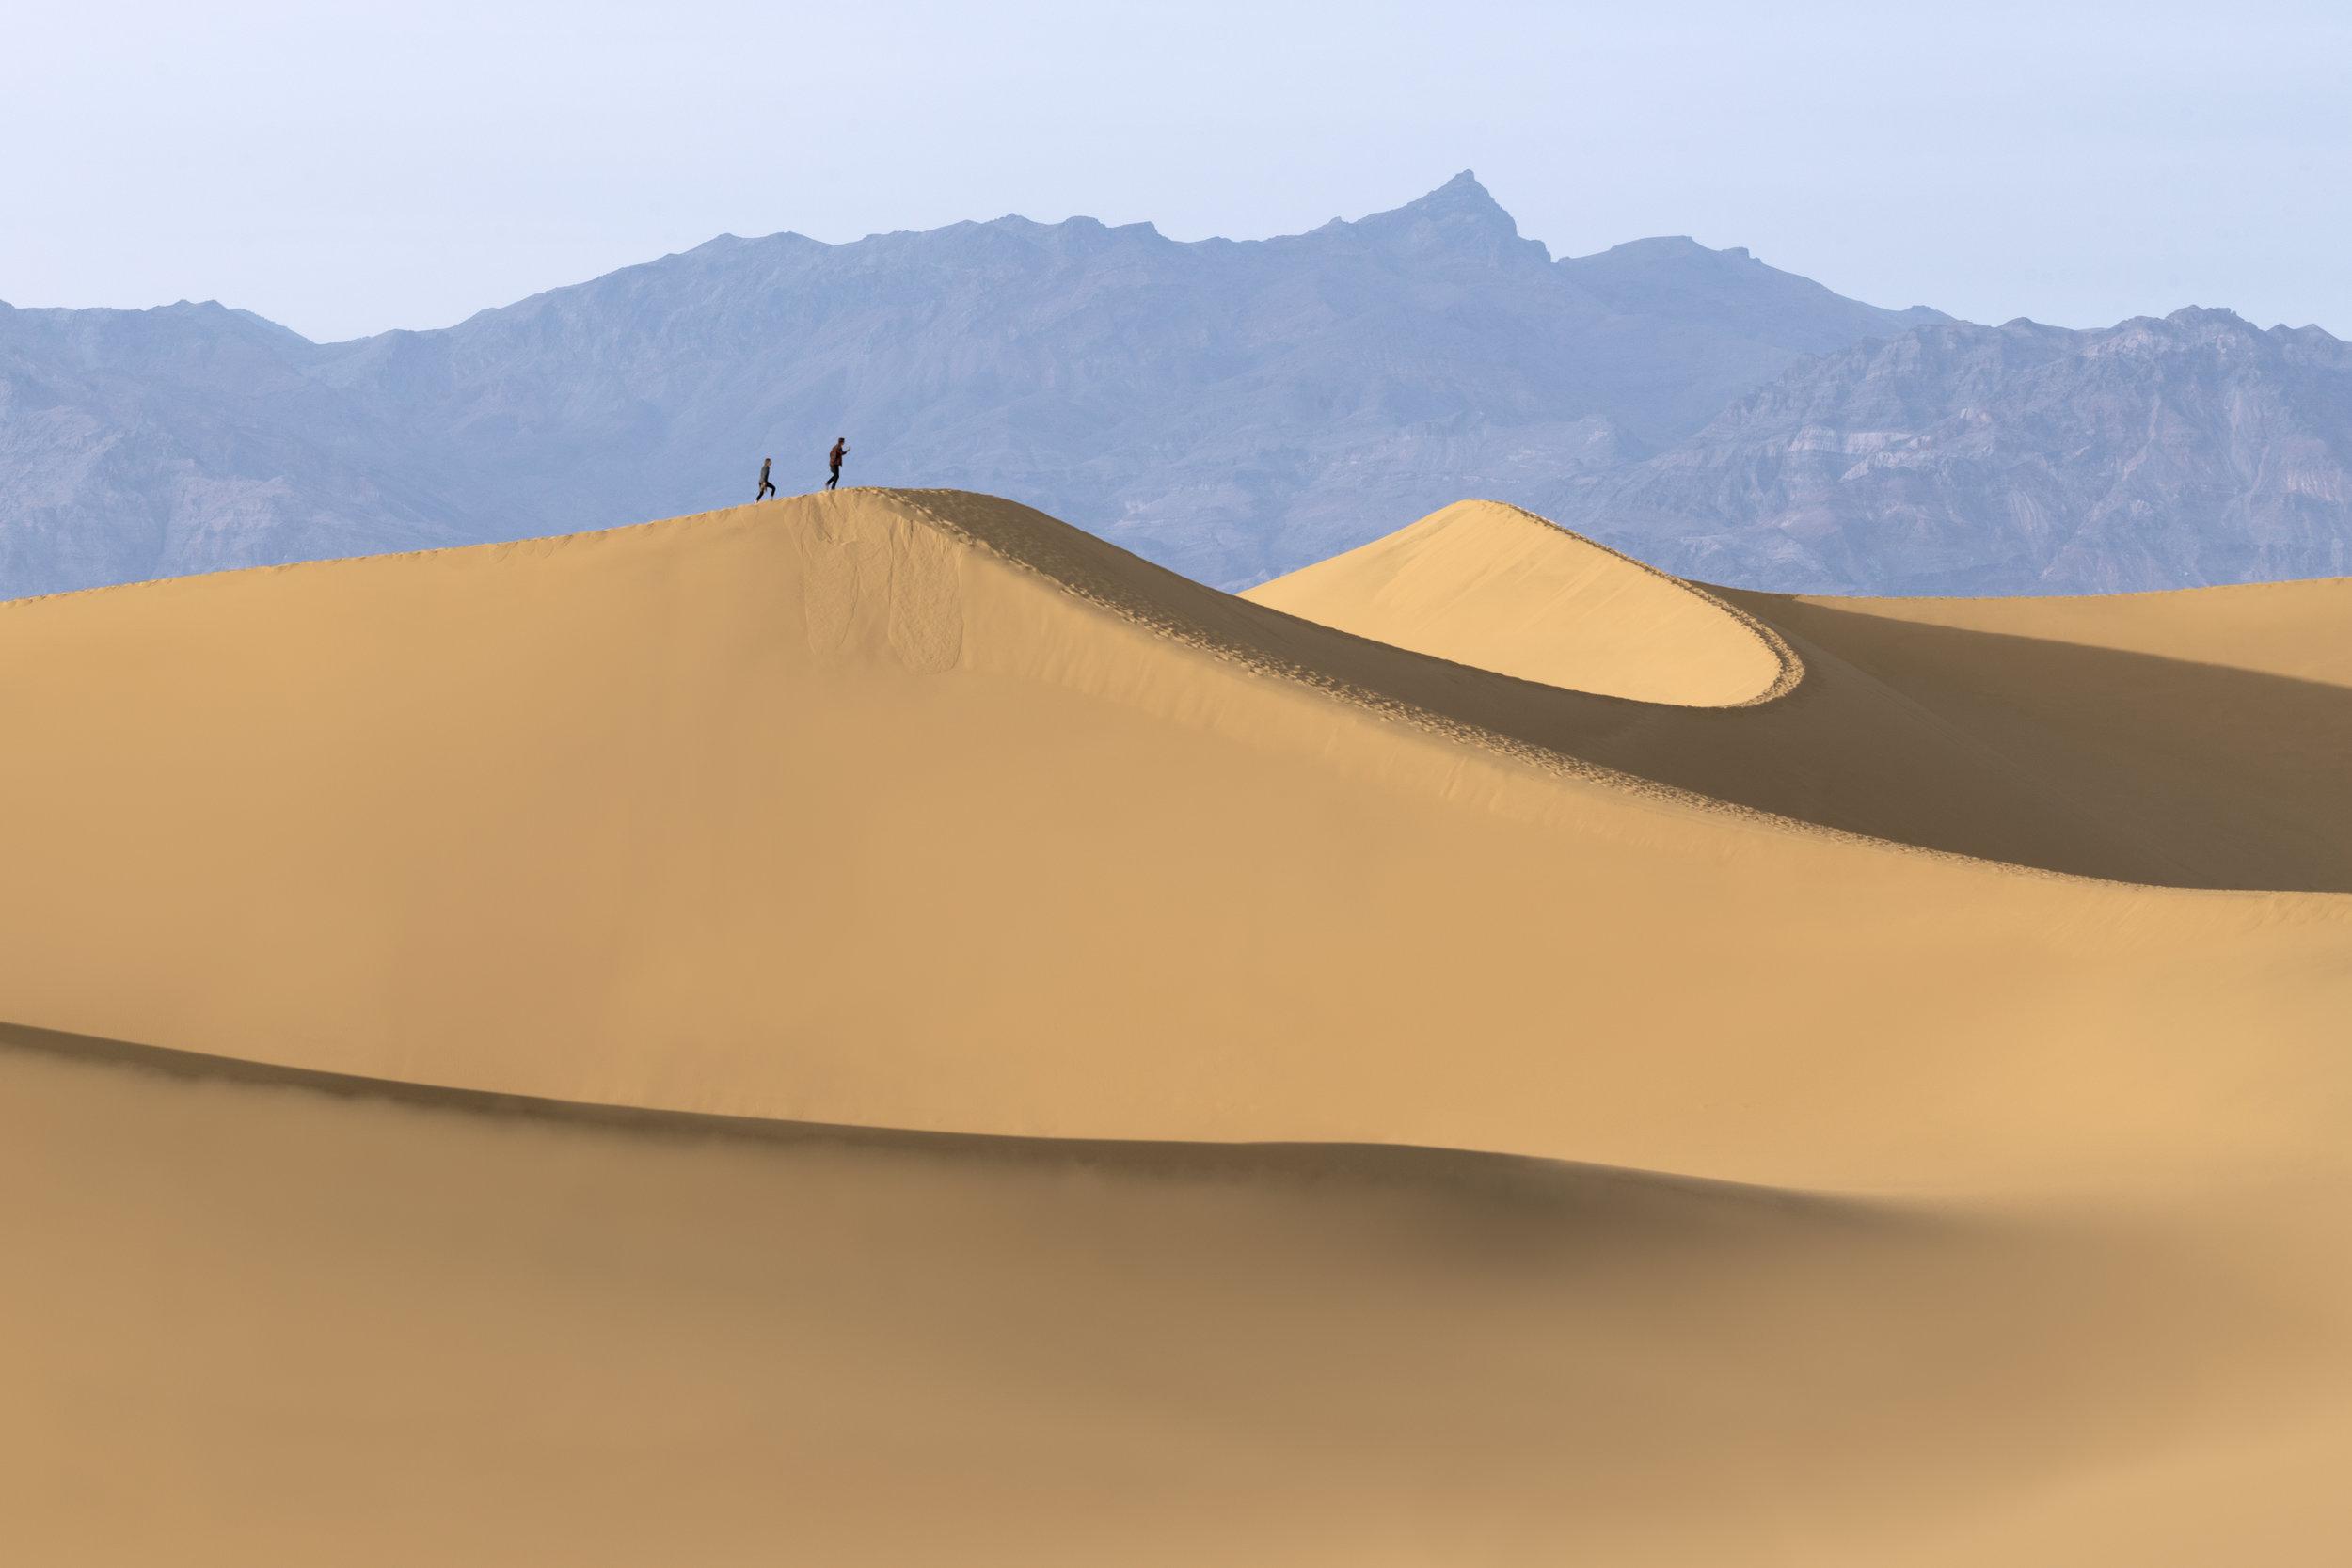 deathvalley-mesquitesanddunes1.jpg